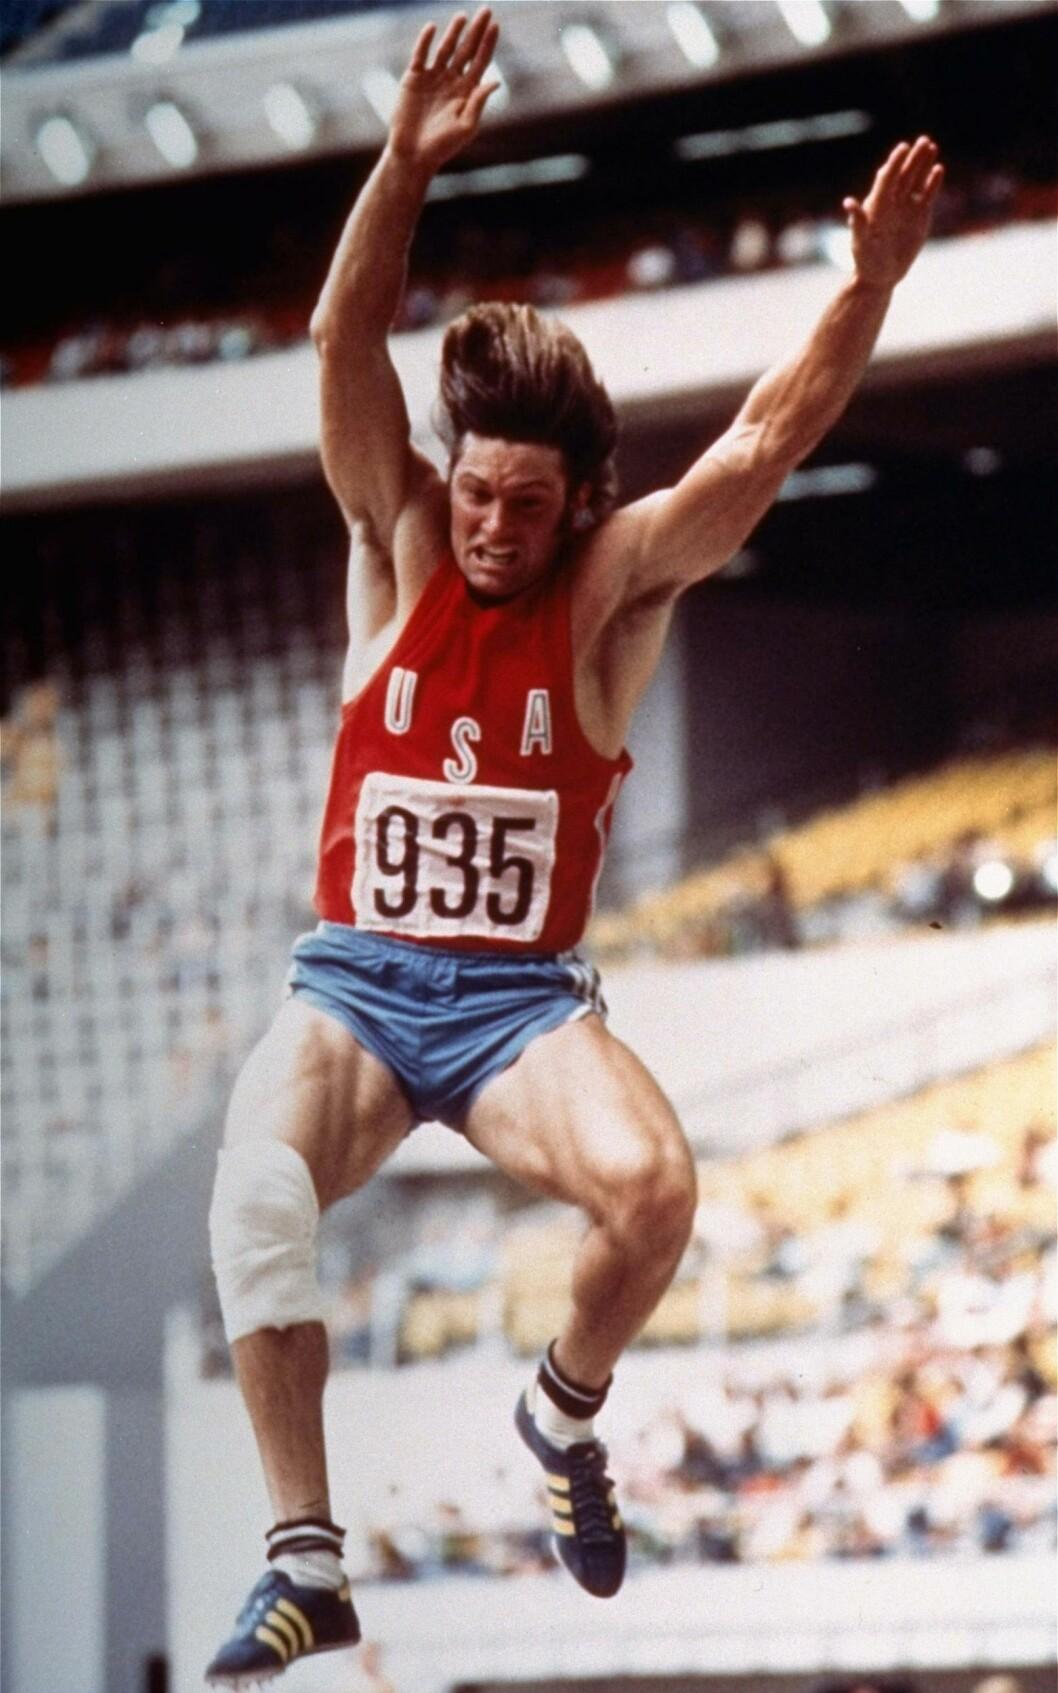 <strong>DEN GANG DA:</strong> I 1976 deltok Bruce Jenner deltok i sommer-OL i Montreal, Canada, og vant gullmedalje i tikamp. Foto: NTB Scanpix